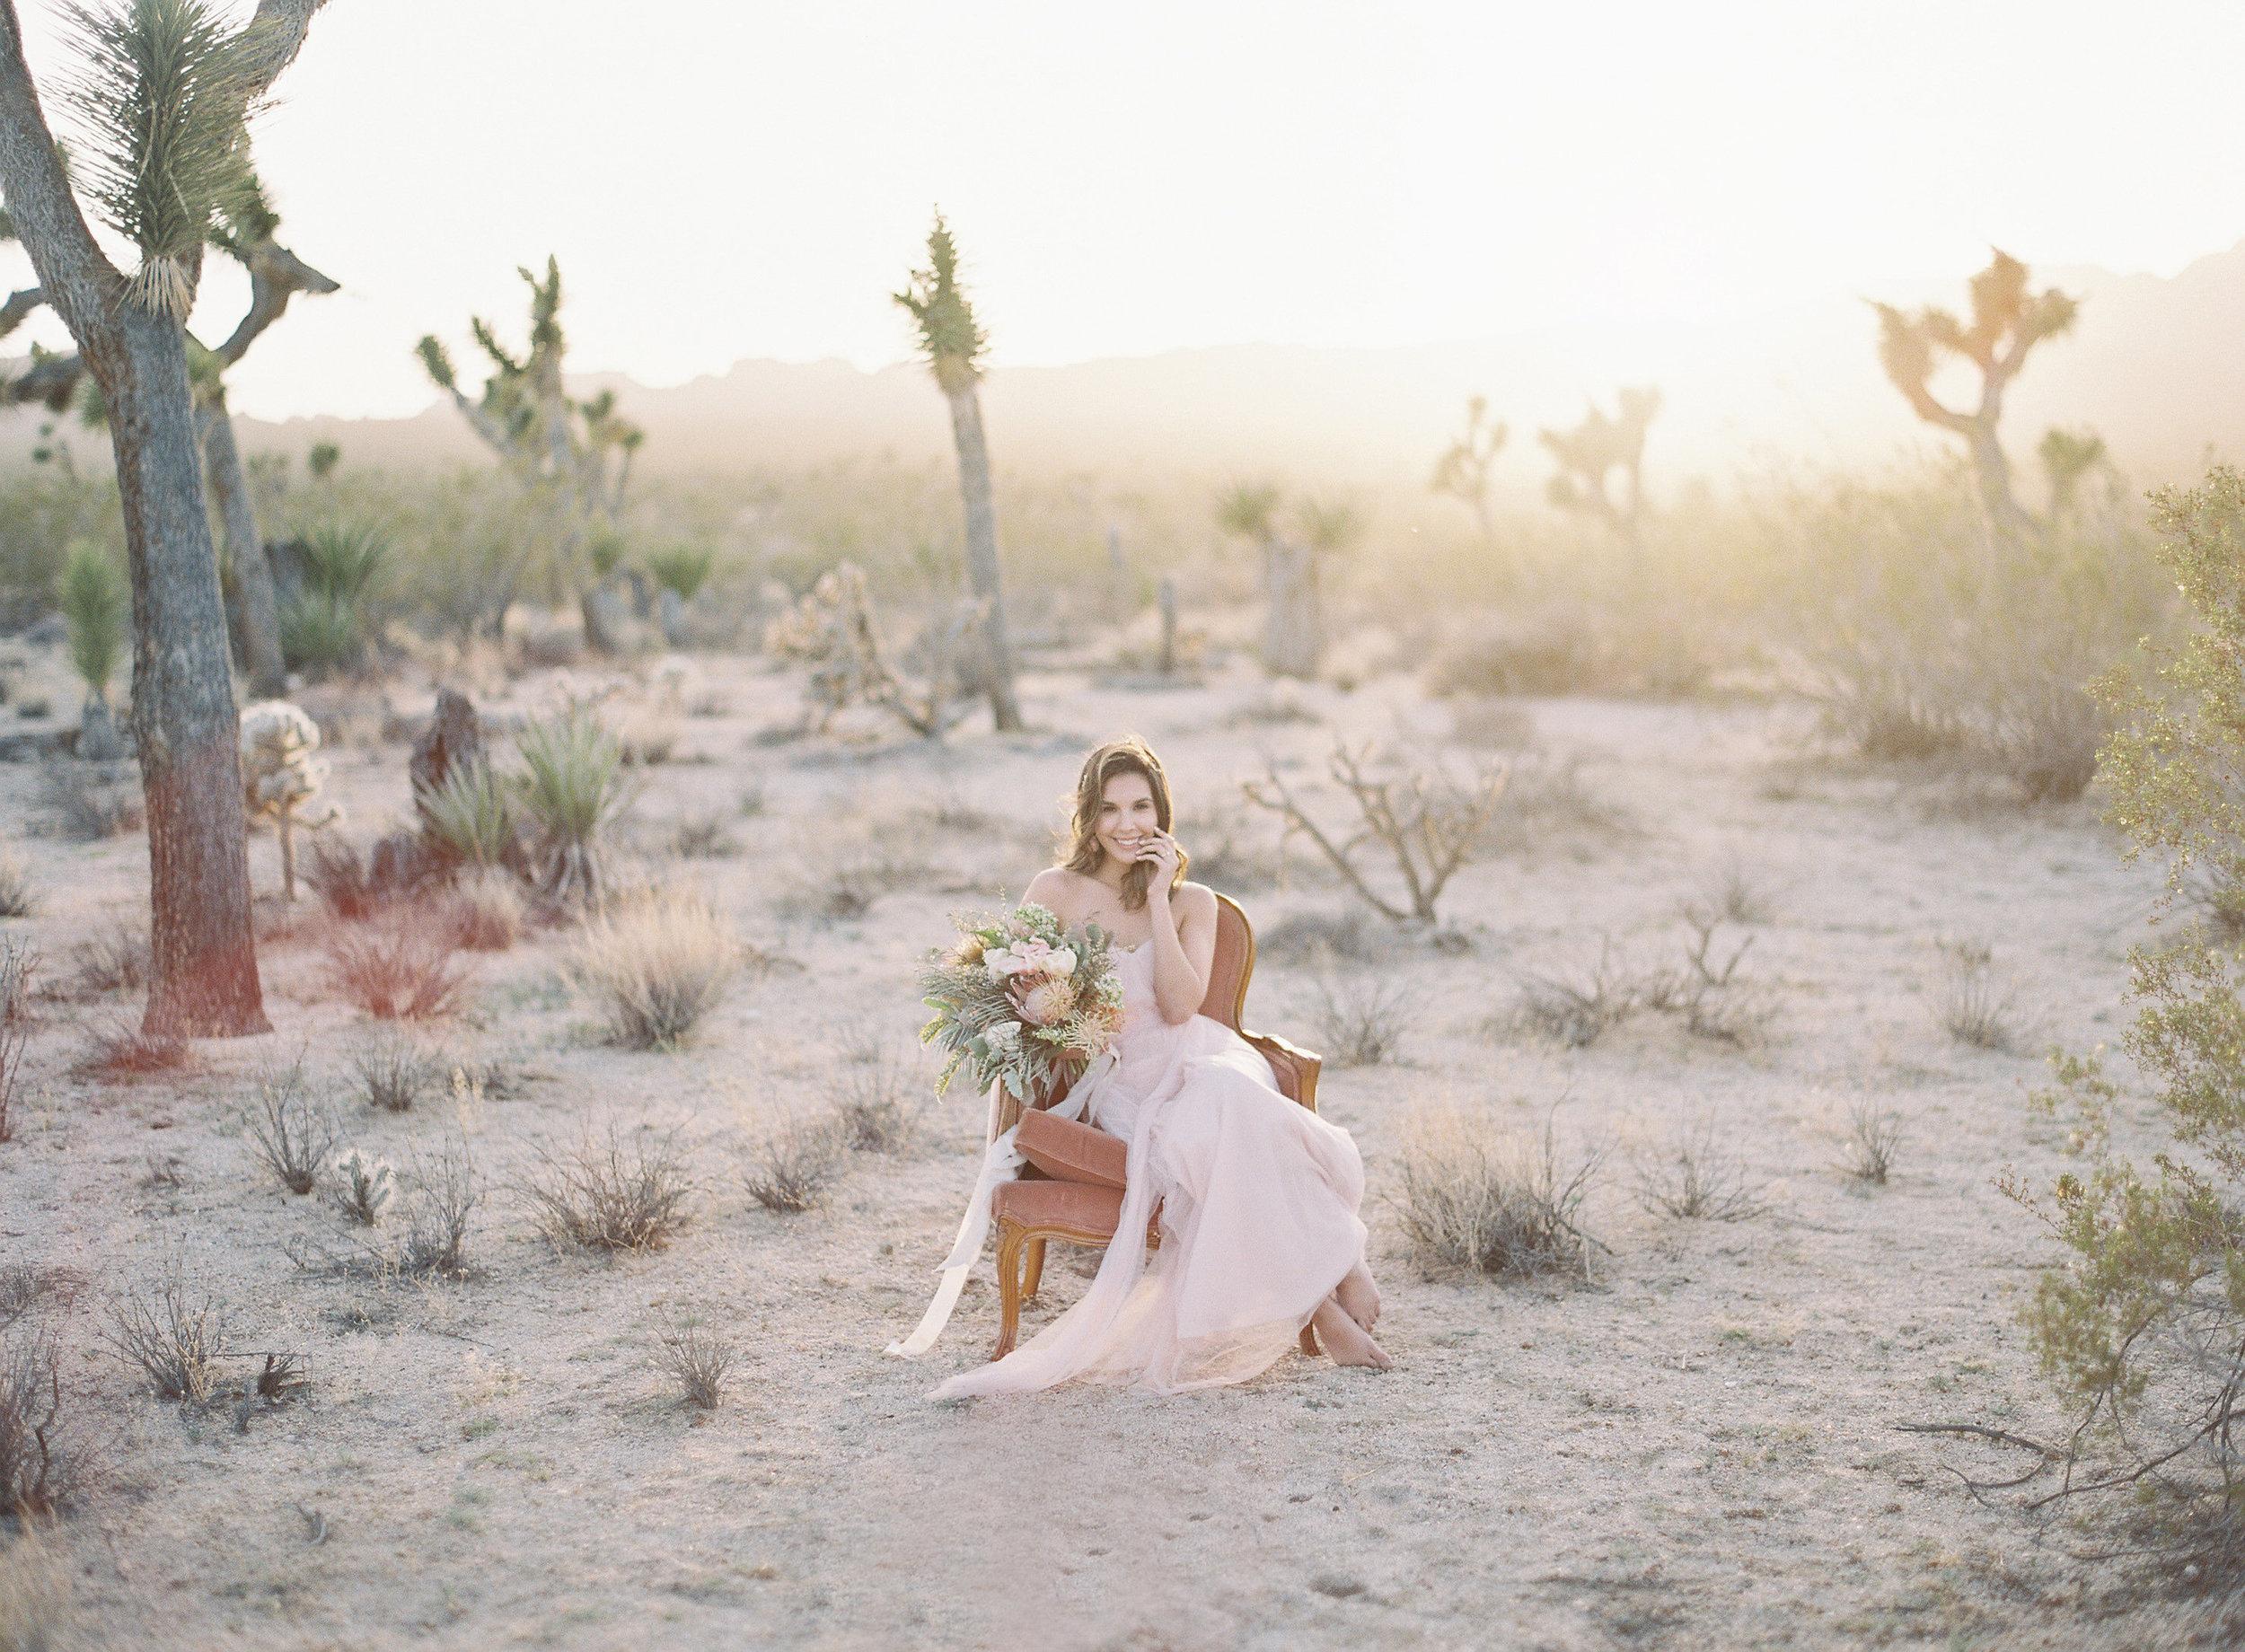 Desert_©_Oliver_Fly_Photography_29.jpg